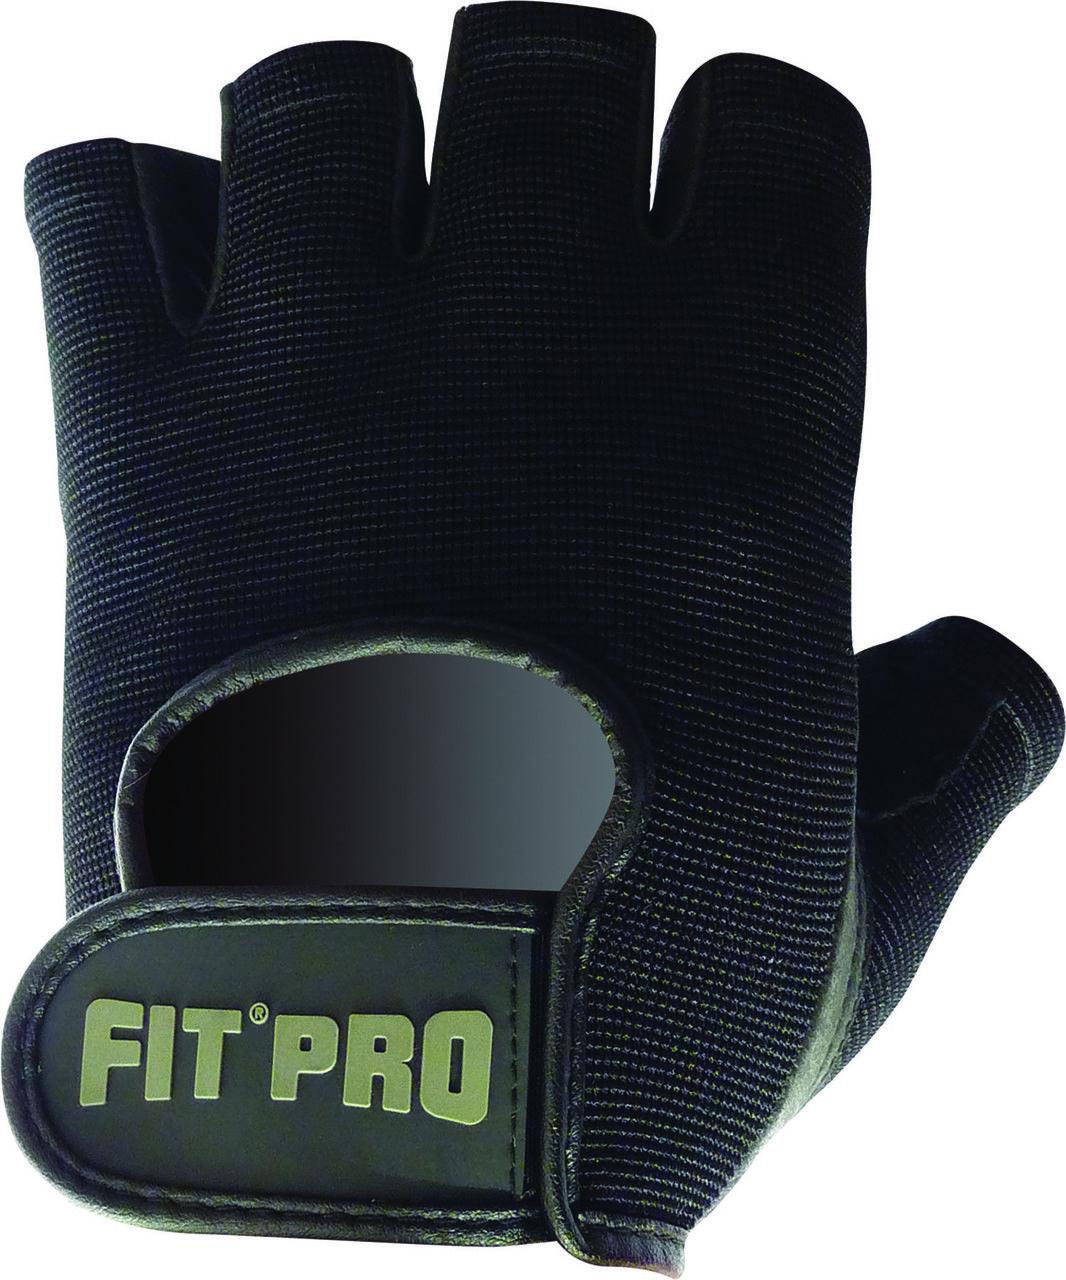 Перчатки для кроссфита Power System FP-07 B1 Pro 2XL фото видео изображение